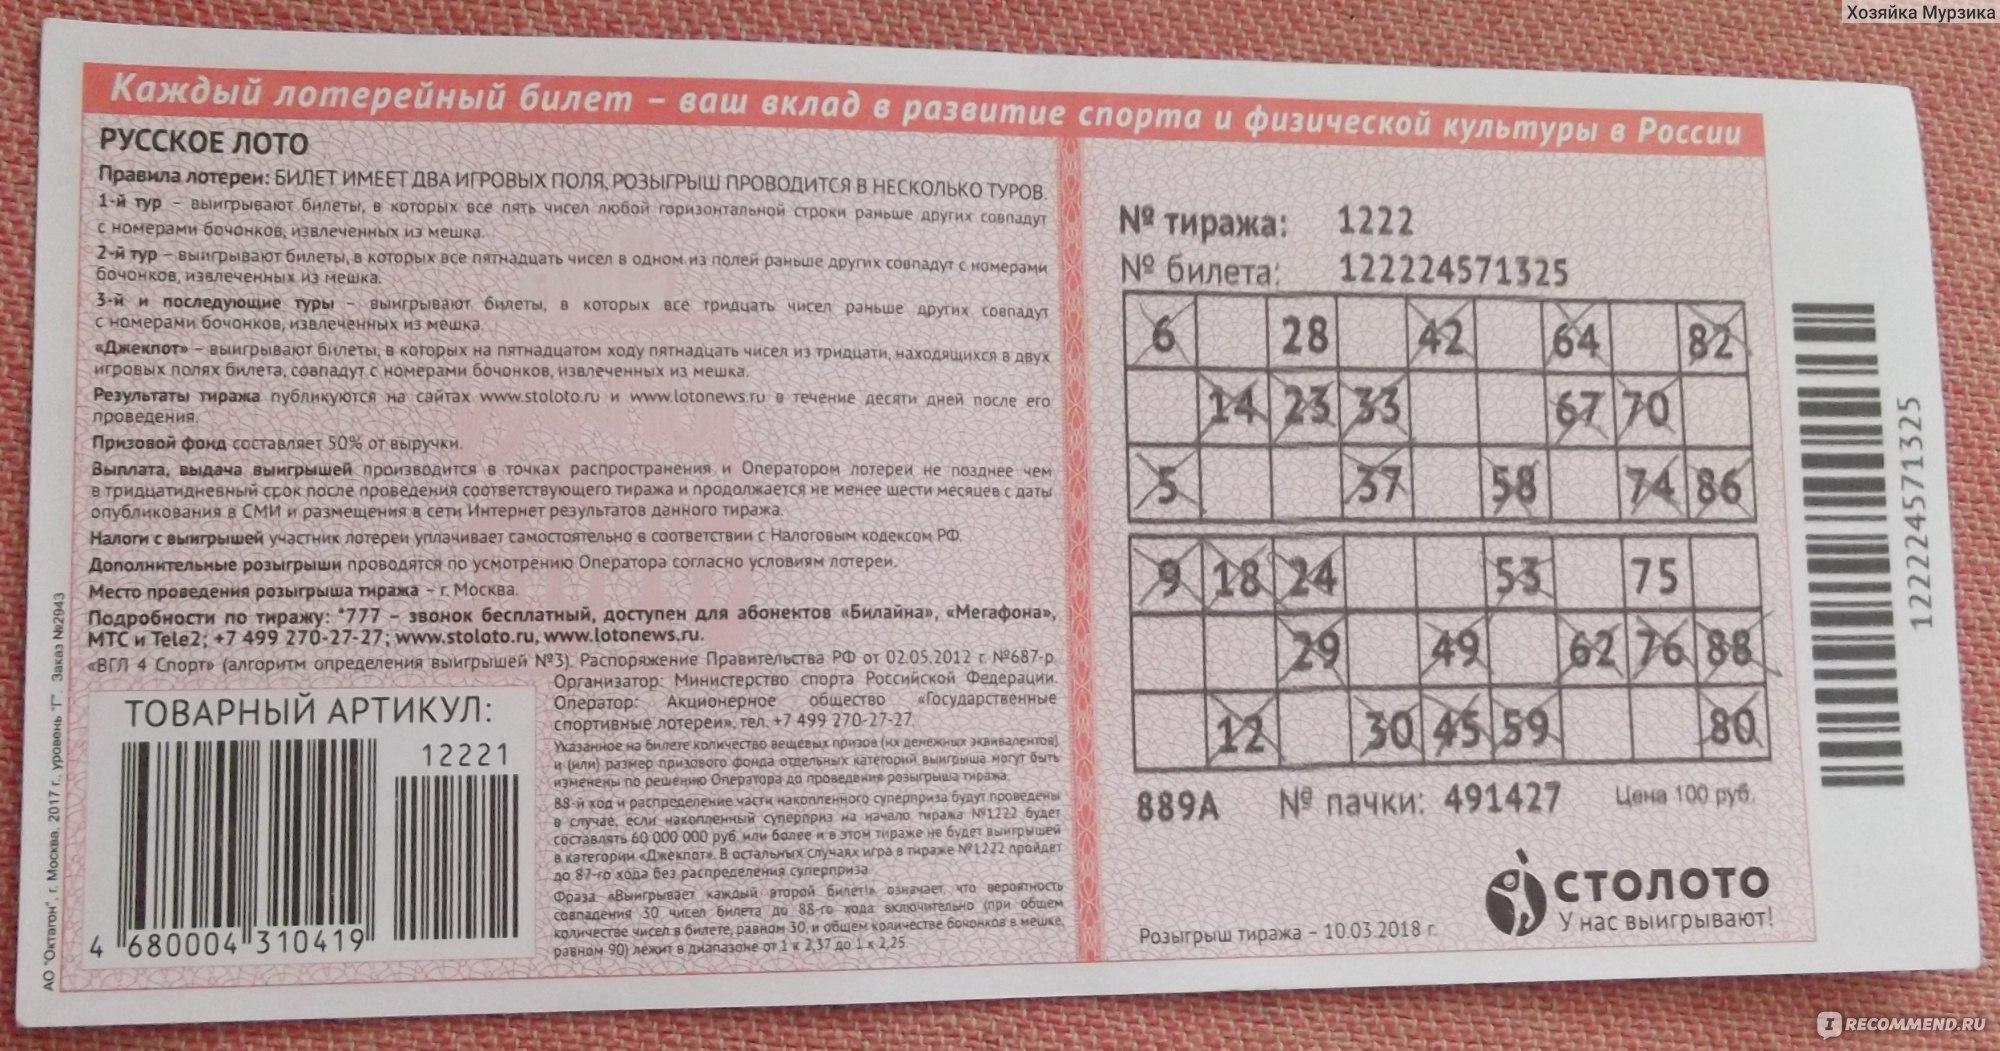 Как получить выигрыш русское лото на карту сбербанка в 2020 году: формы заявлений и пошаговая инструкция